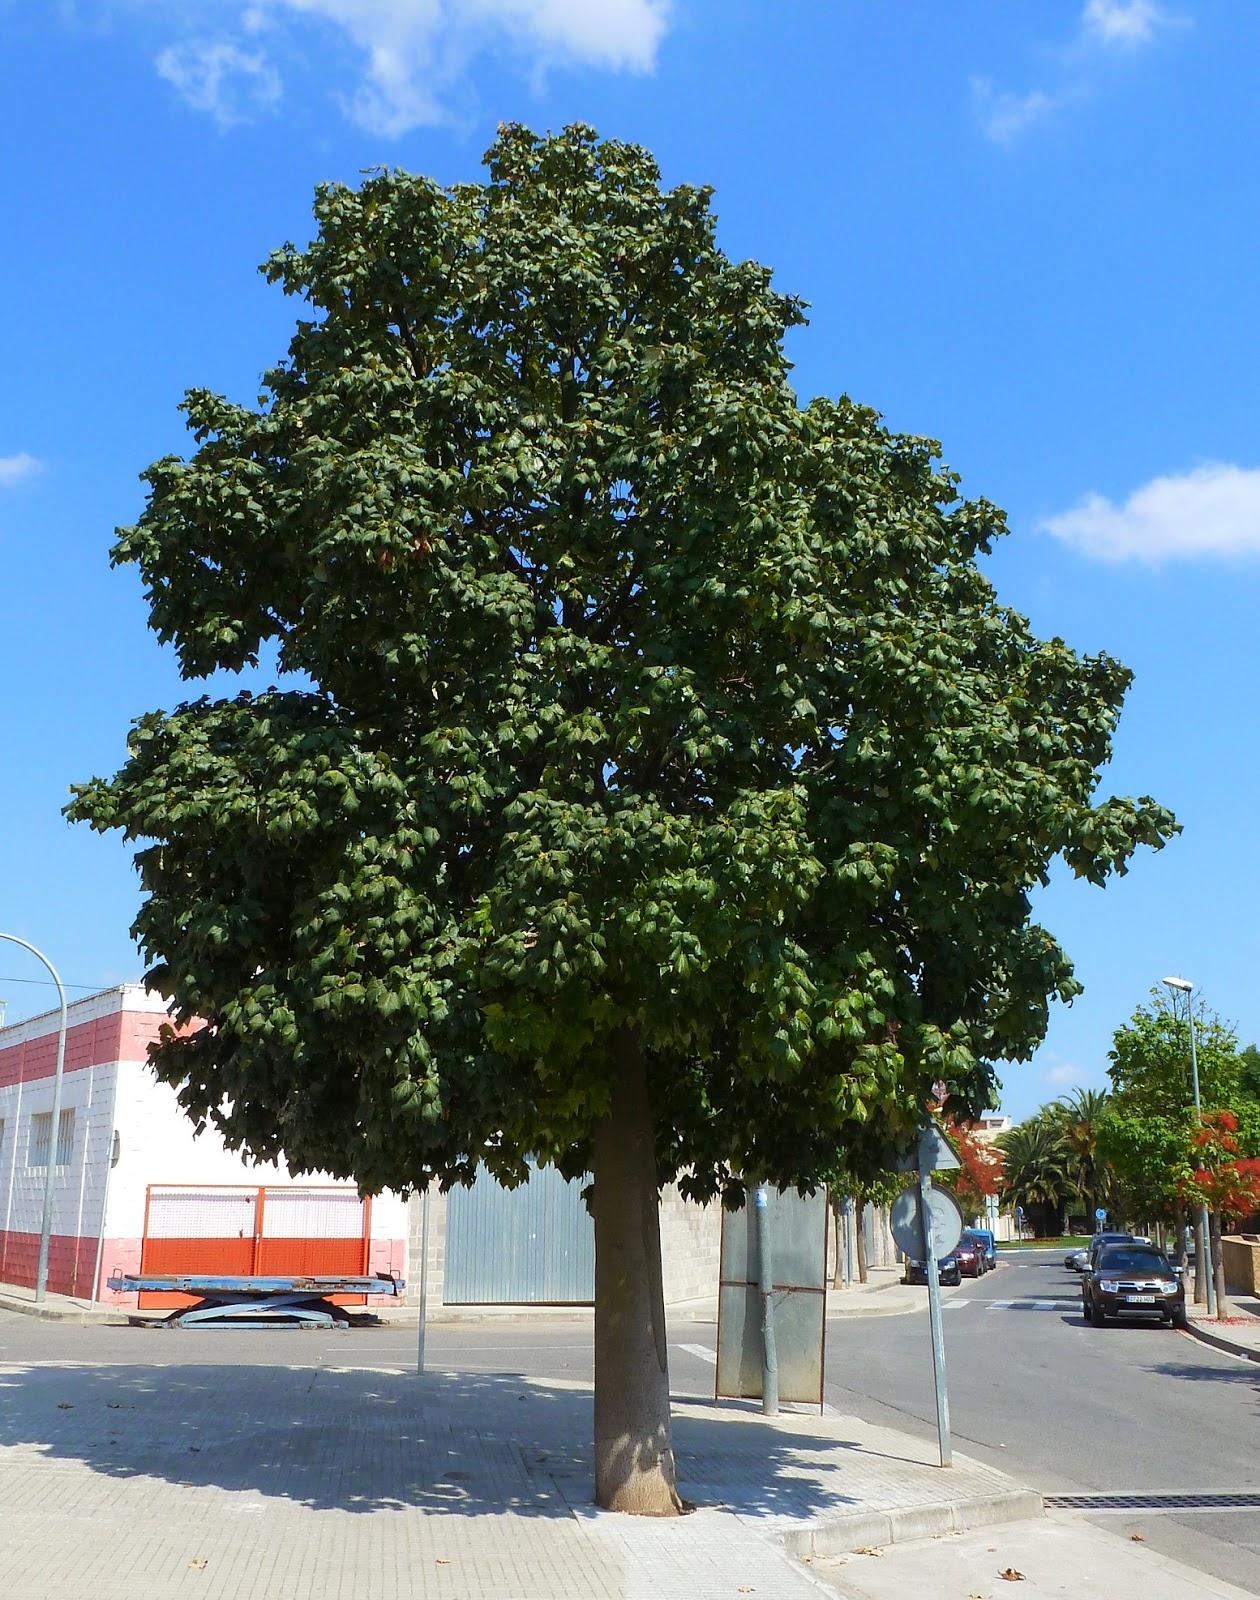 Los rboles pueden cambiar el clima de la ciudad Forestal Maderero